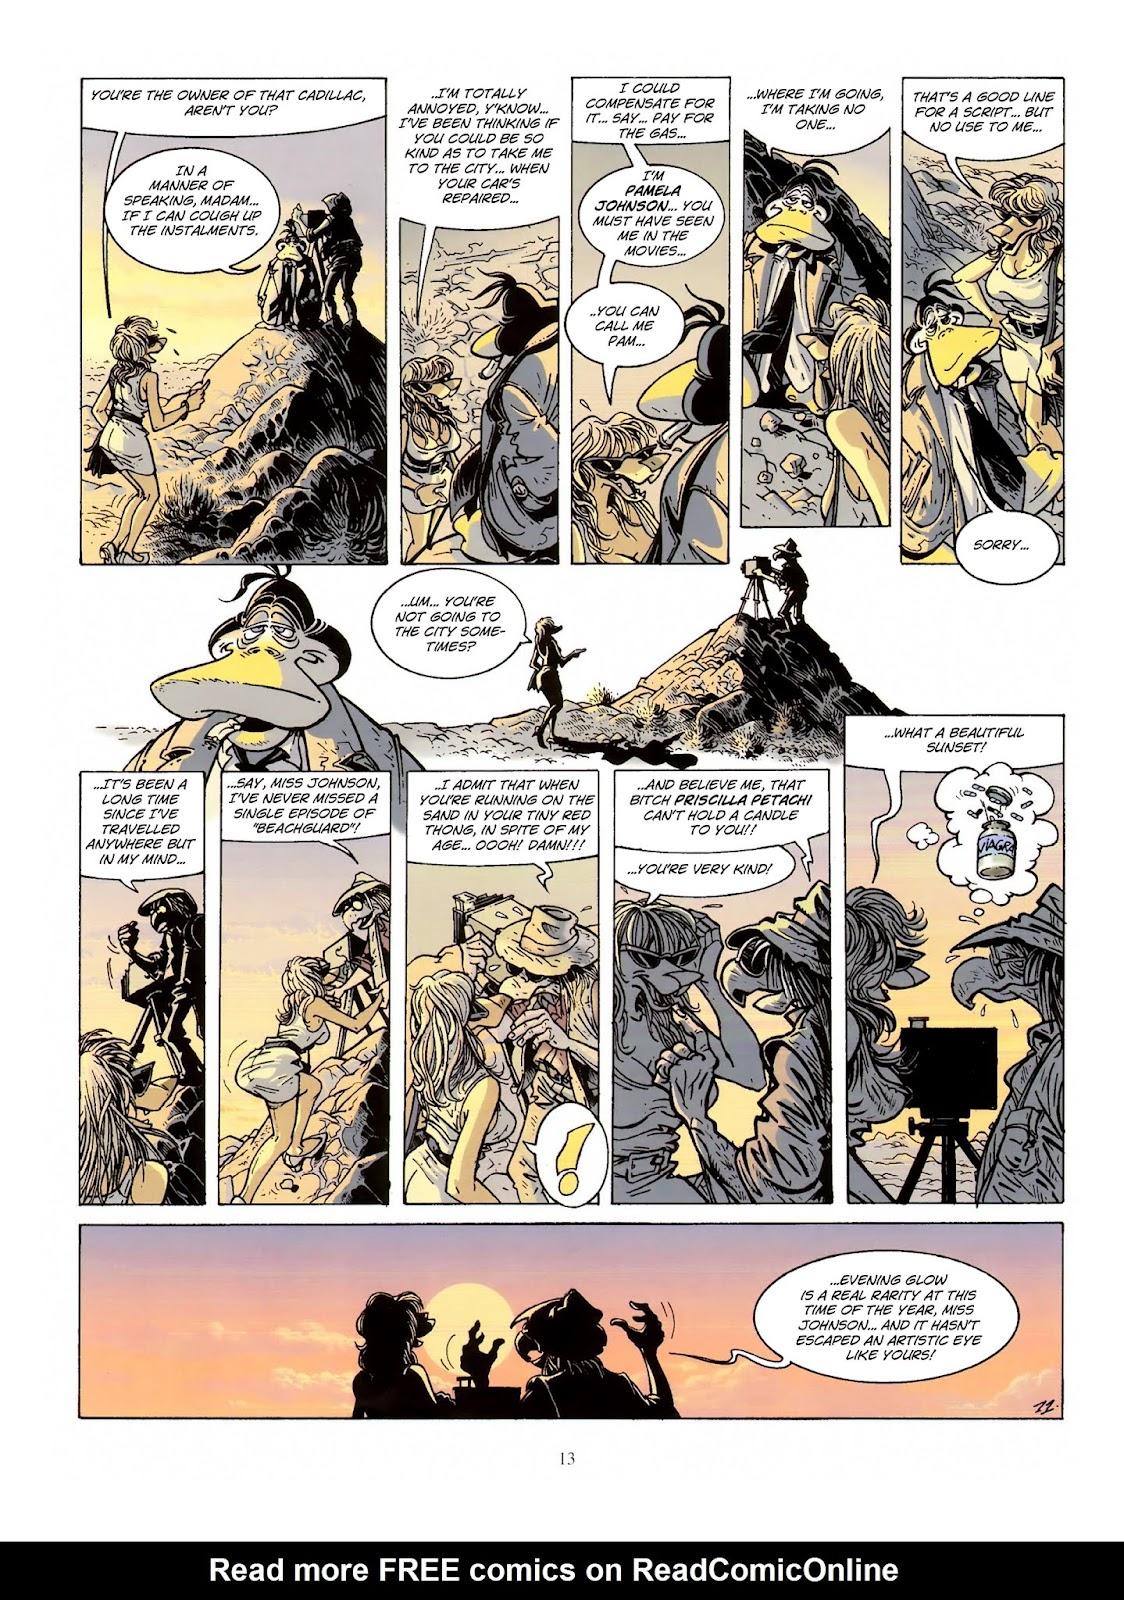 Une enquête de l'inspecteur Canardo issue 10 - Page 14